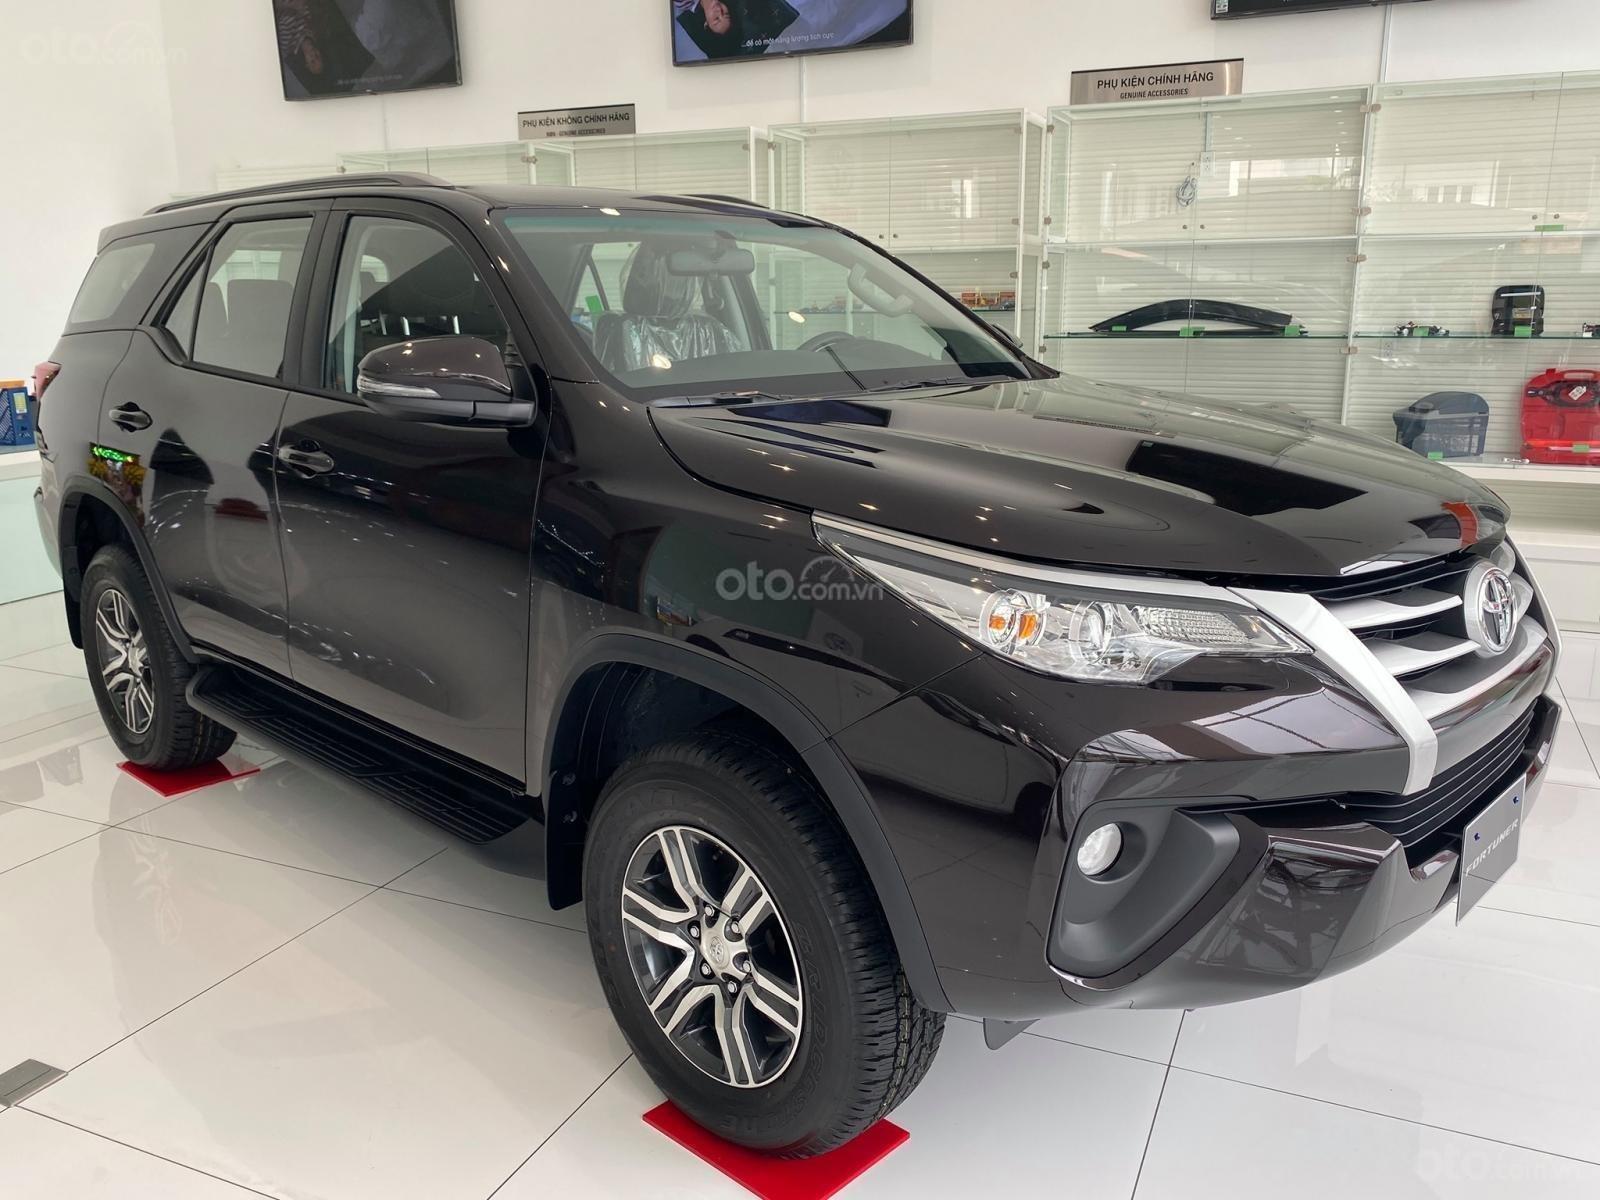 Bán xe Toyota Fortuner năm sản xuất 2019, màu đen (2)